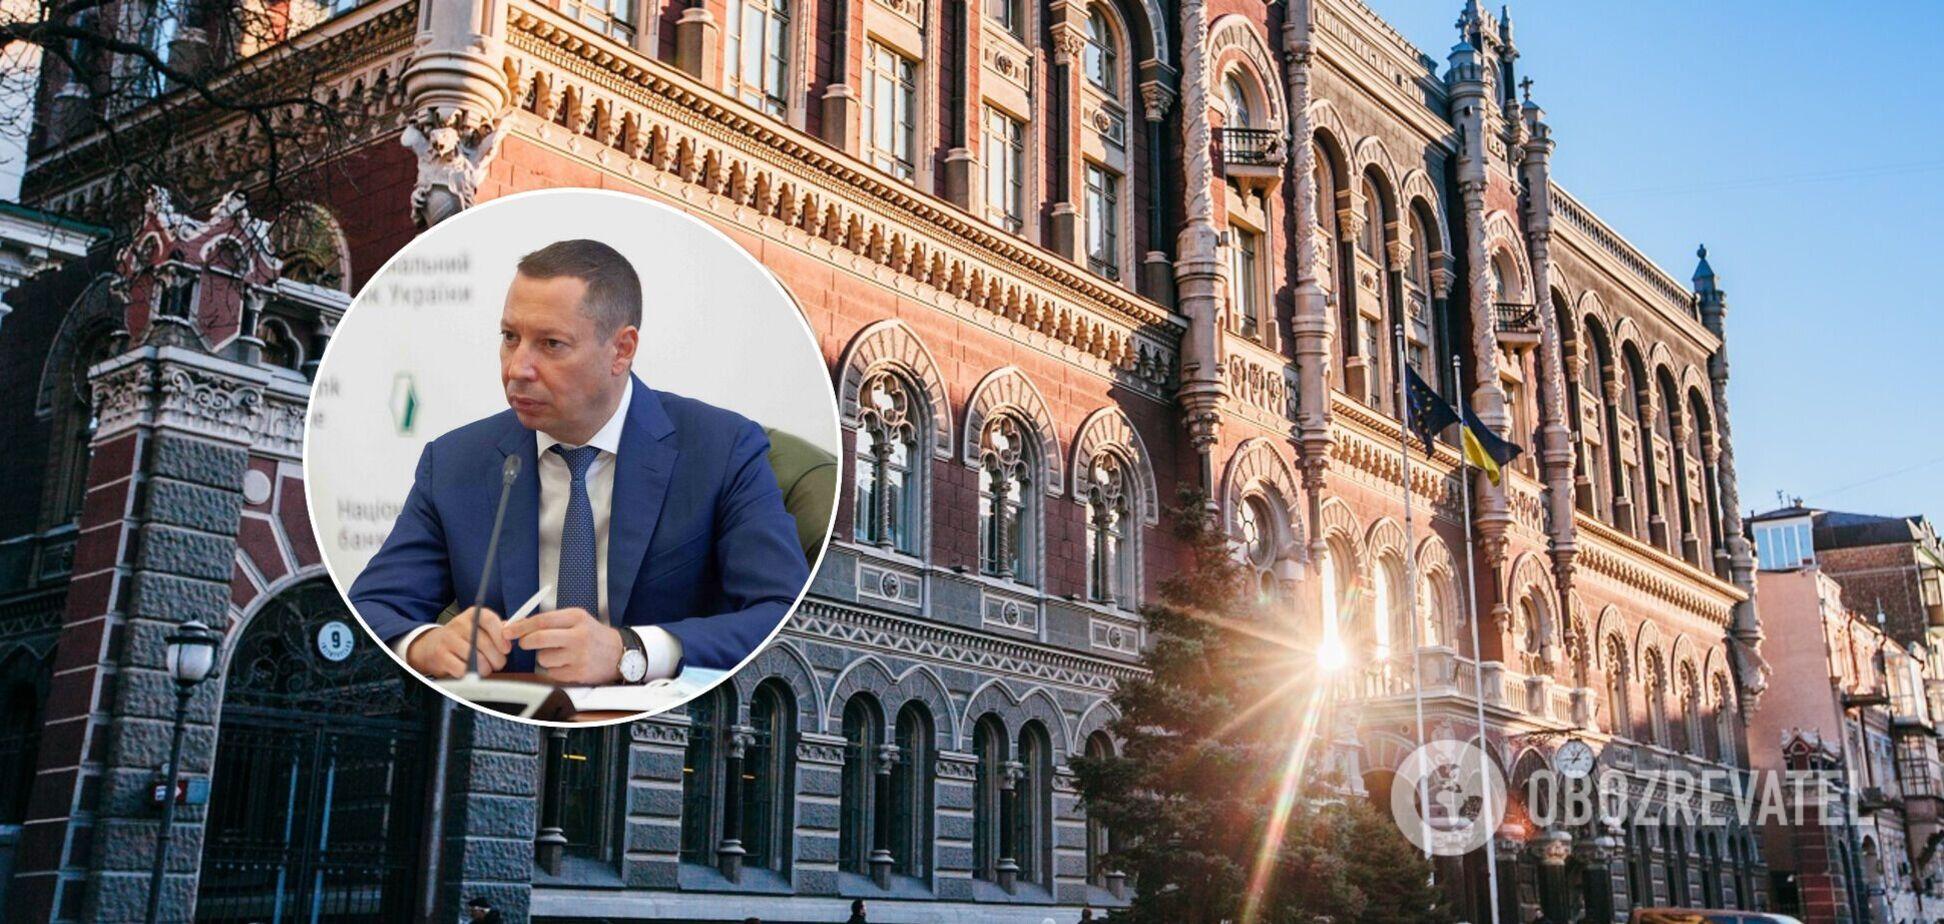 Кирилл Шевченко рассказал об увольнениях из НБУ